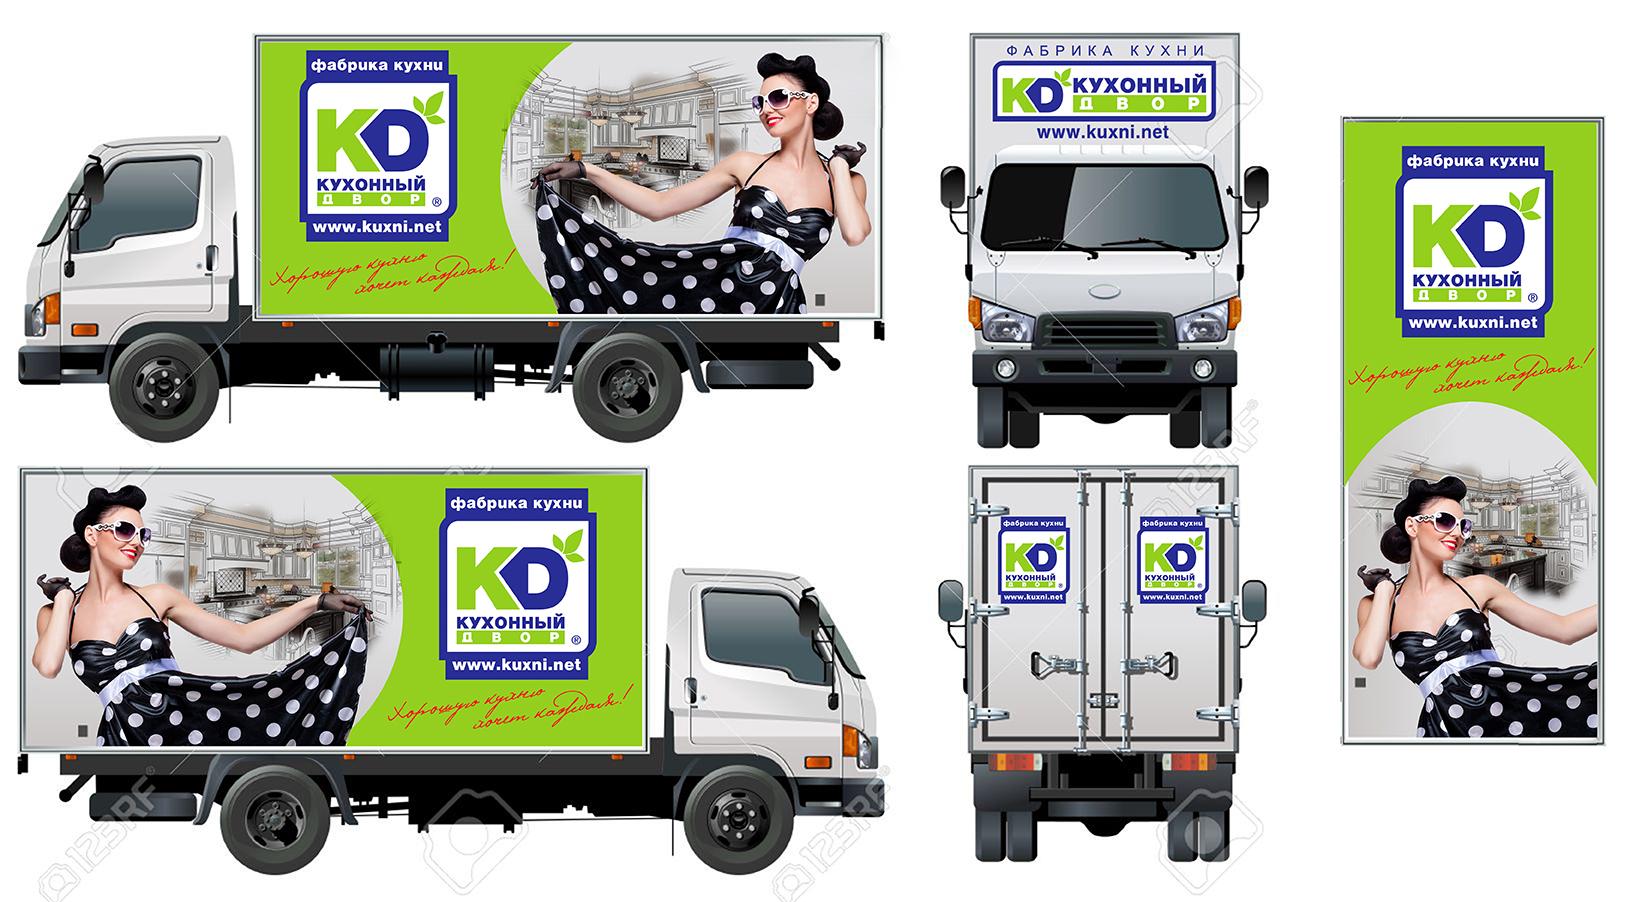 """Брендирование грузового авто для компании """"Кухонный двор"""" фото f_69459c4df2ee320e.jpg"""